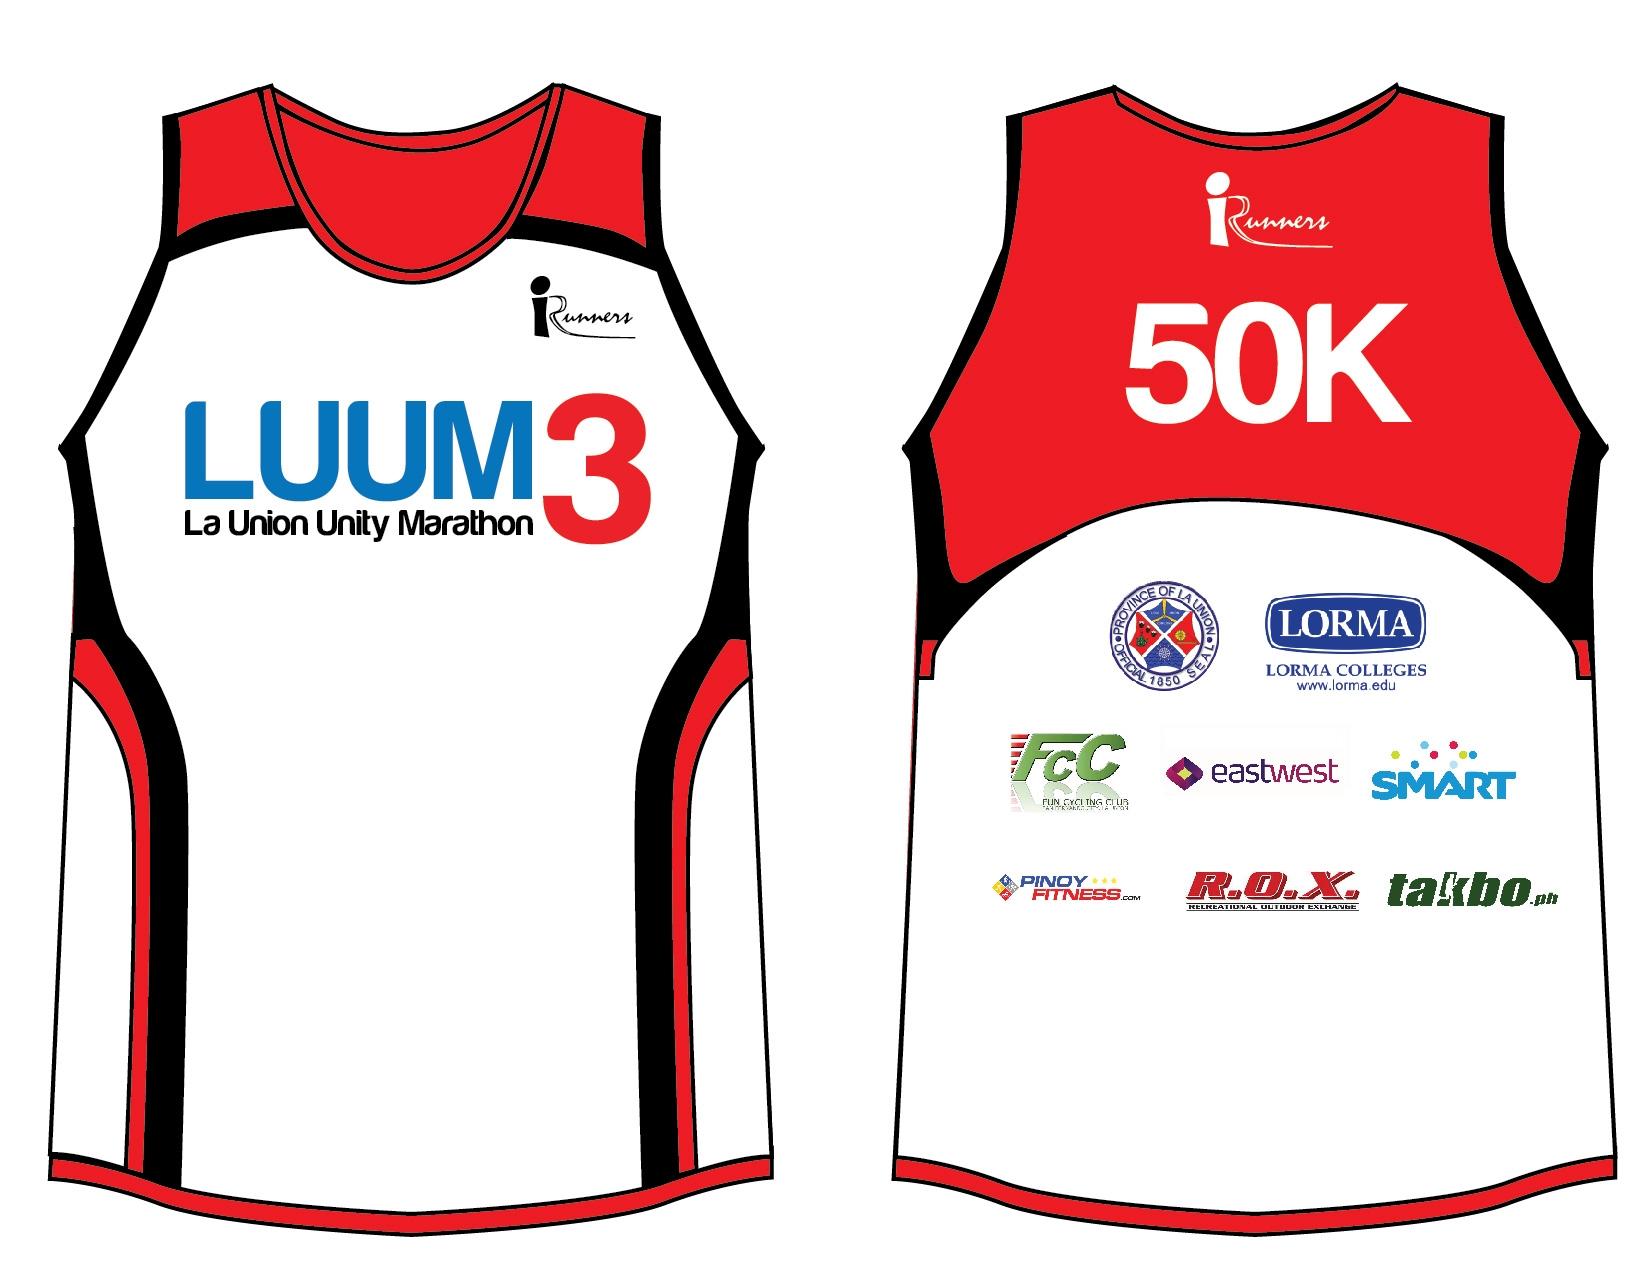 luum3-super-marathon-2013-singlet-design